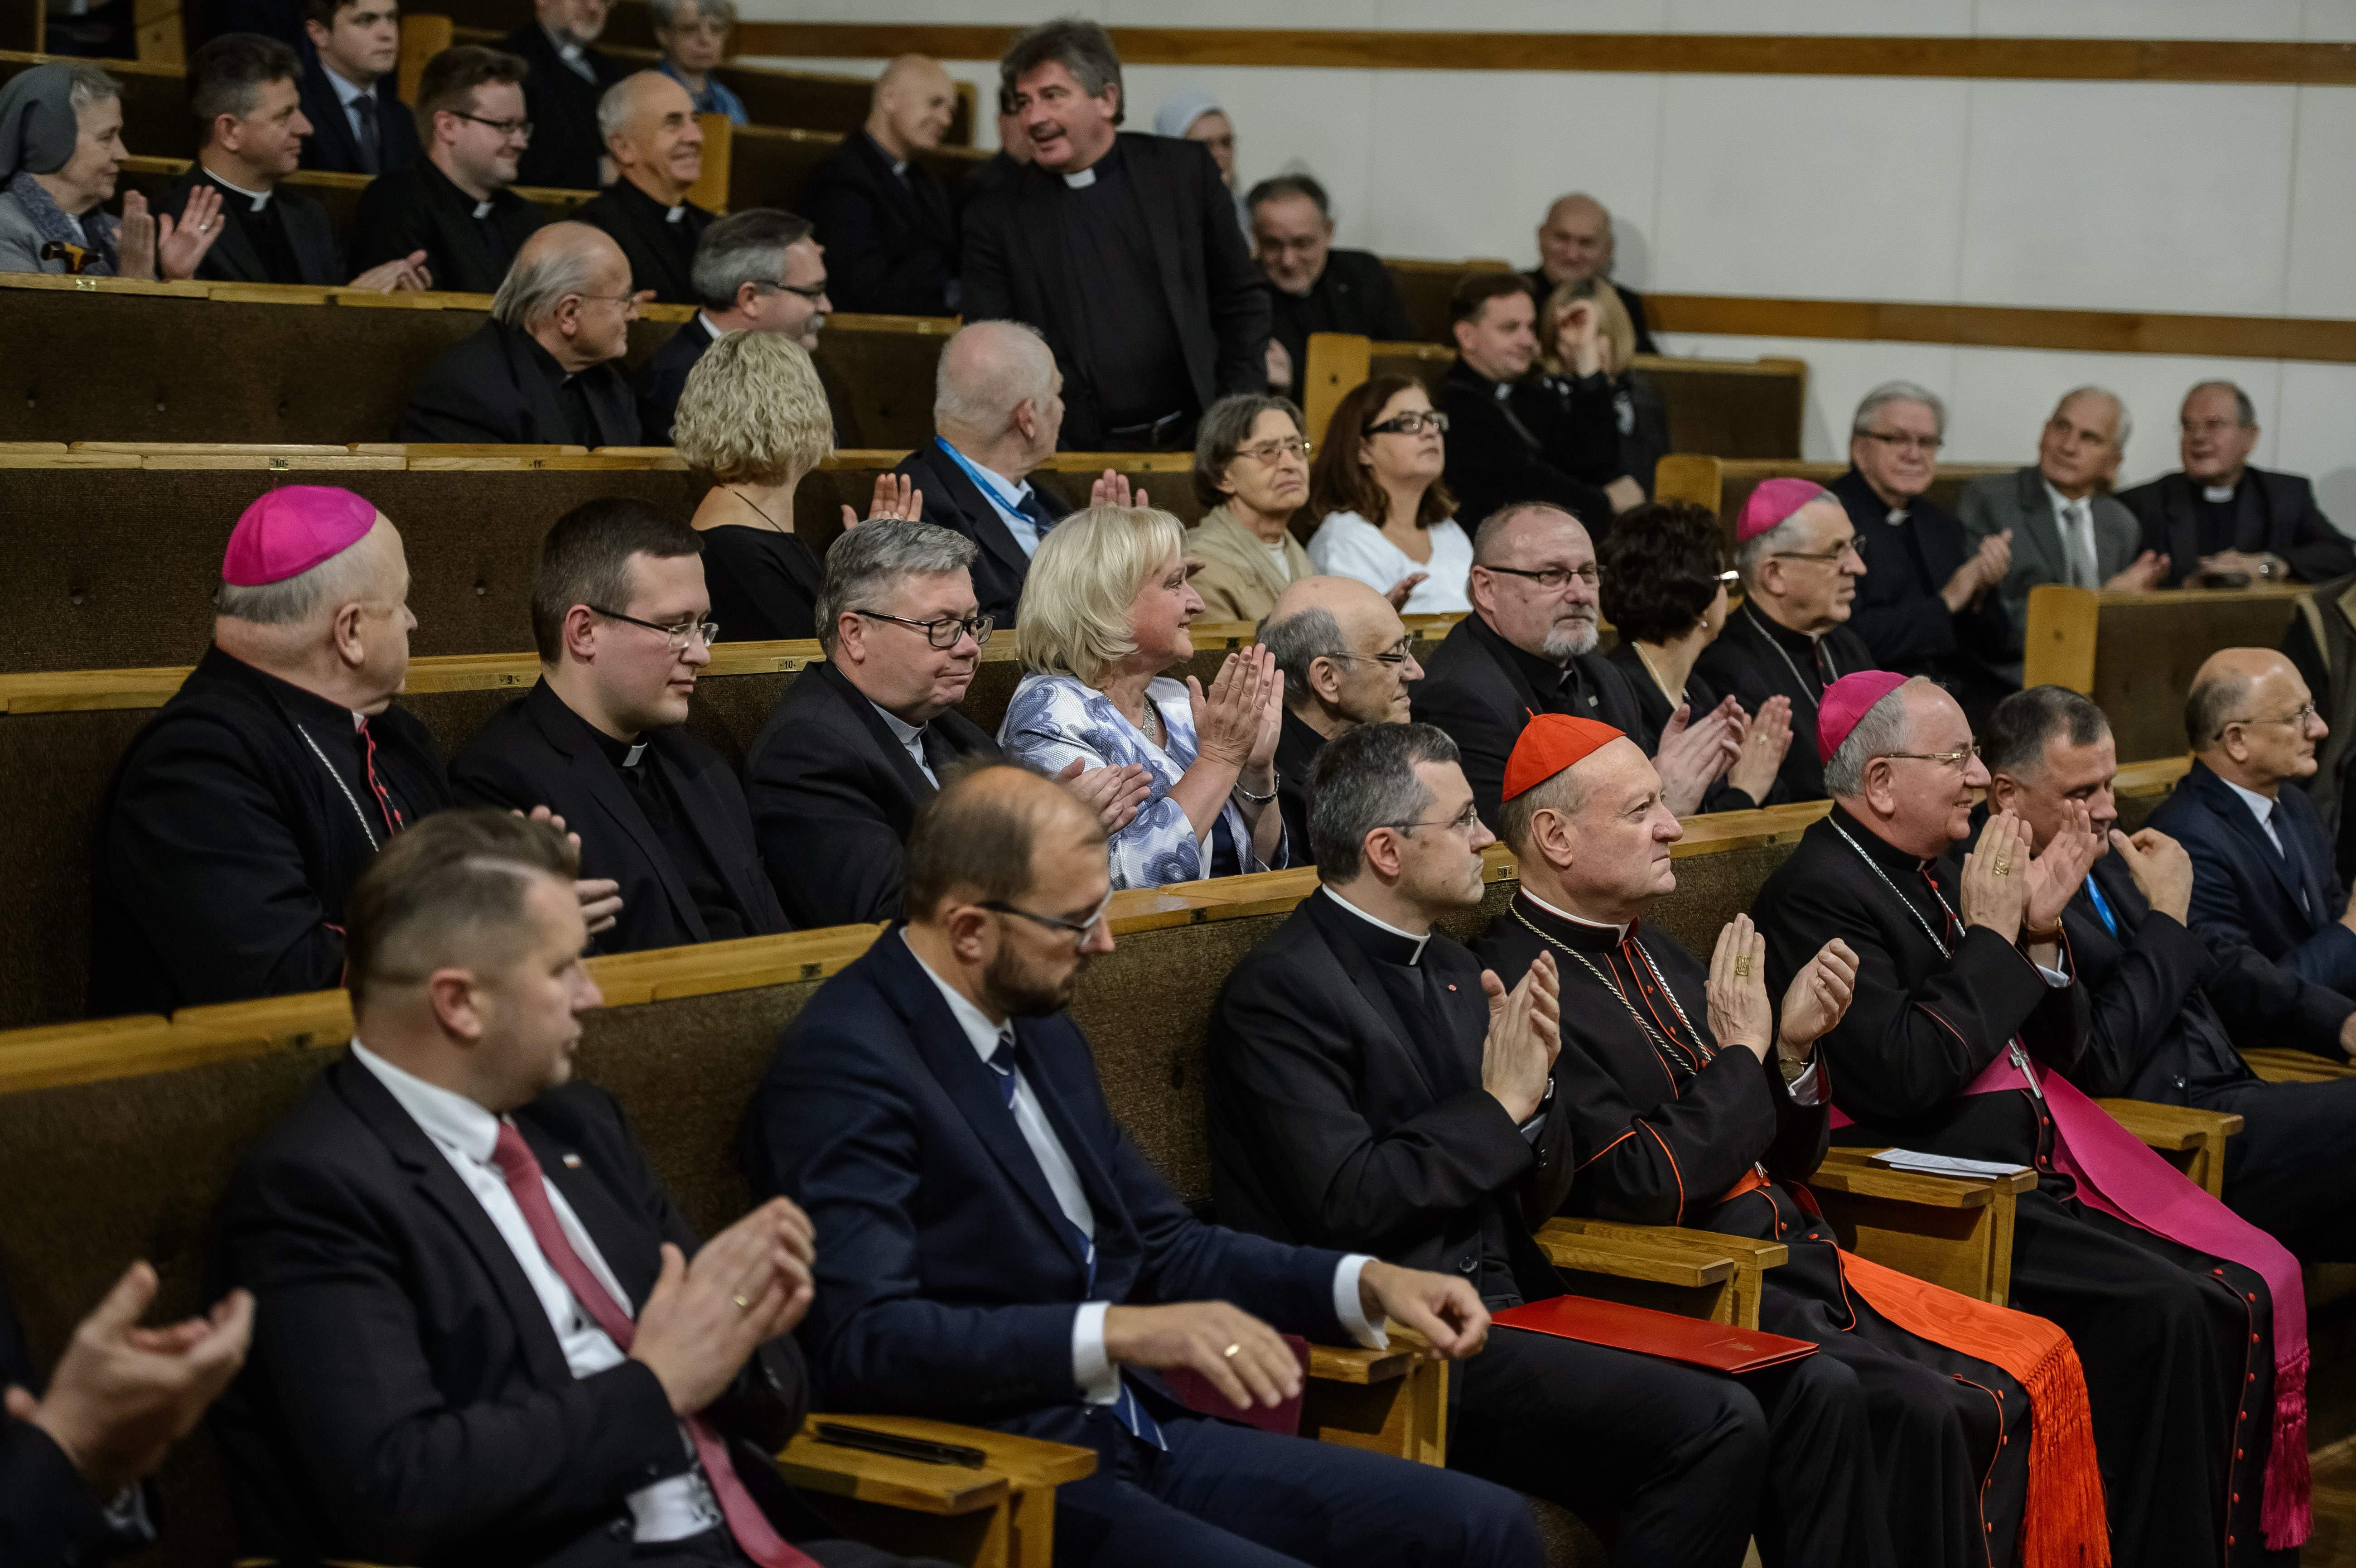 W Lublinie trwa V Kongres Kultury Chrześcijańskiej. Jest spotkaniem intelektualistów i ludzi kultury, wpisuje się w twórczy dialog Kościoła ze światem współczesnym, prowadzony w zmieniających się warunkach kulturowych. Potrwa do 16 października.